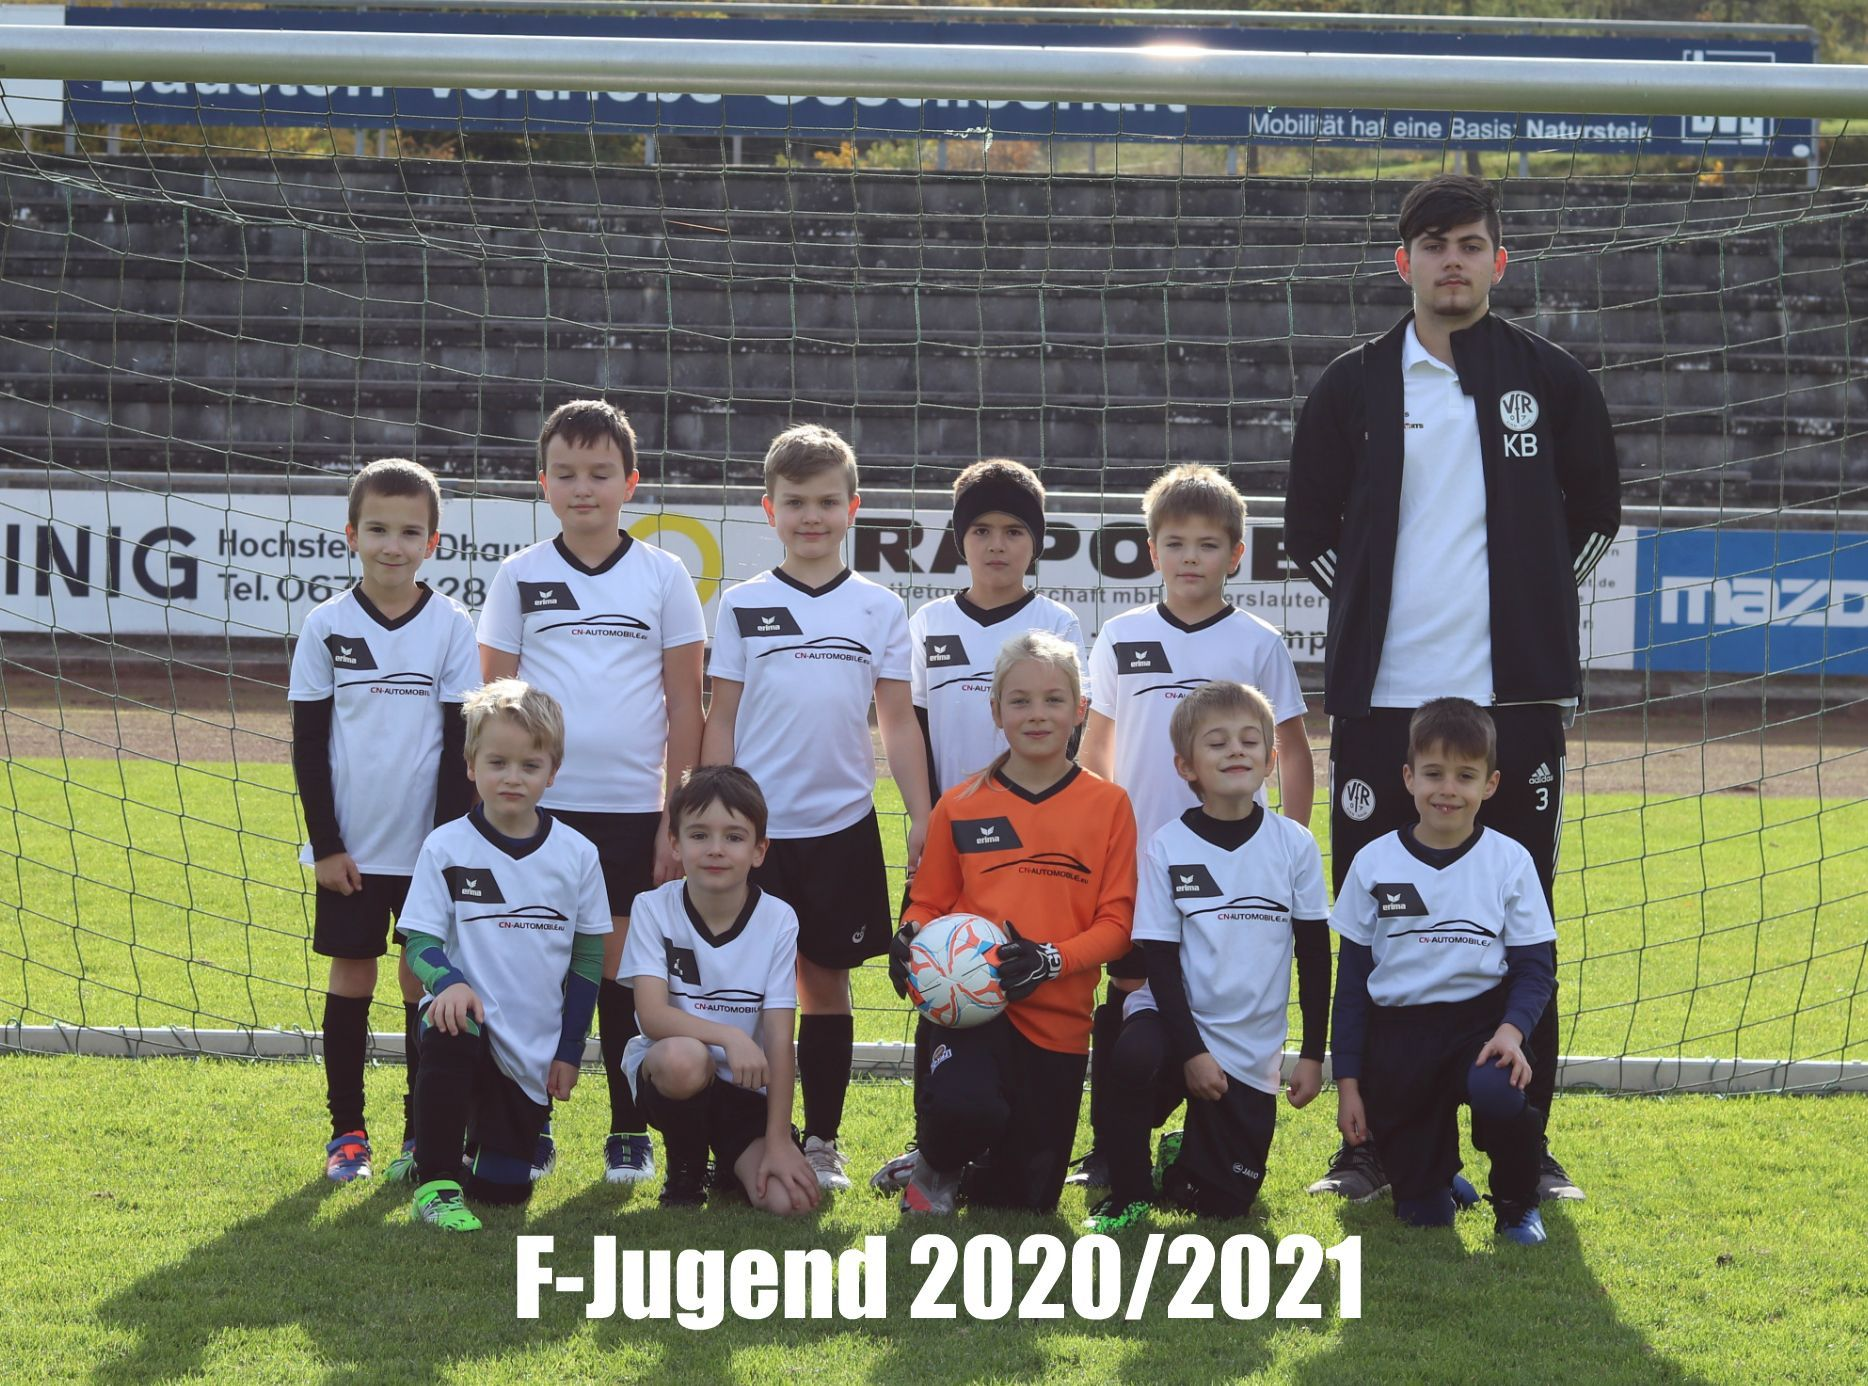 F-Jugend | VfR 07 Kirn